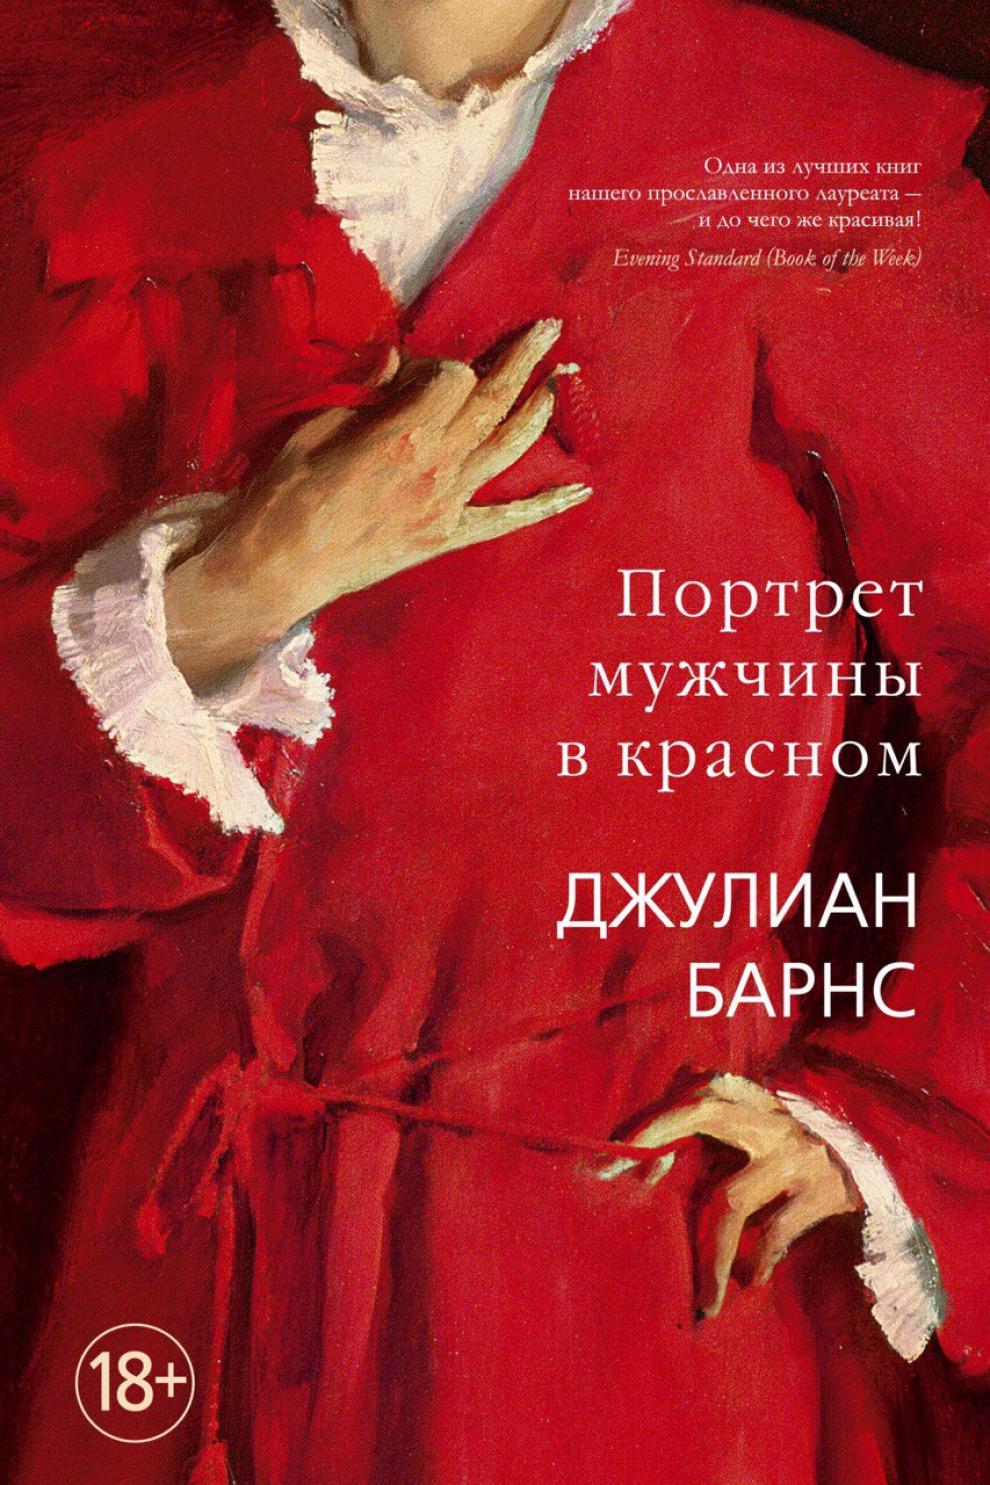 Джулиан Барнс «Портрет мужчины в красном»